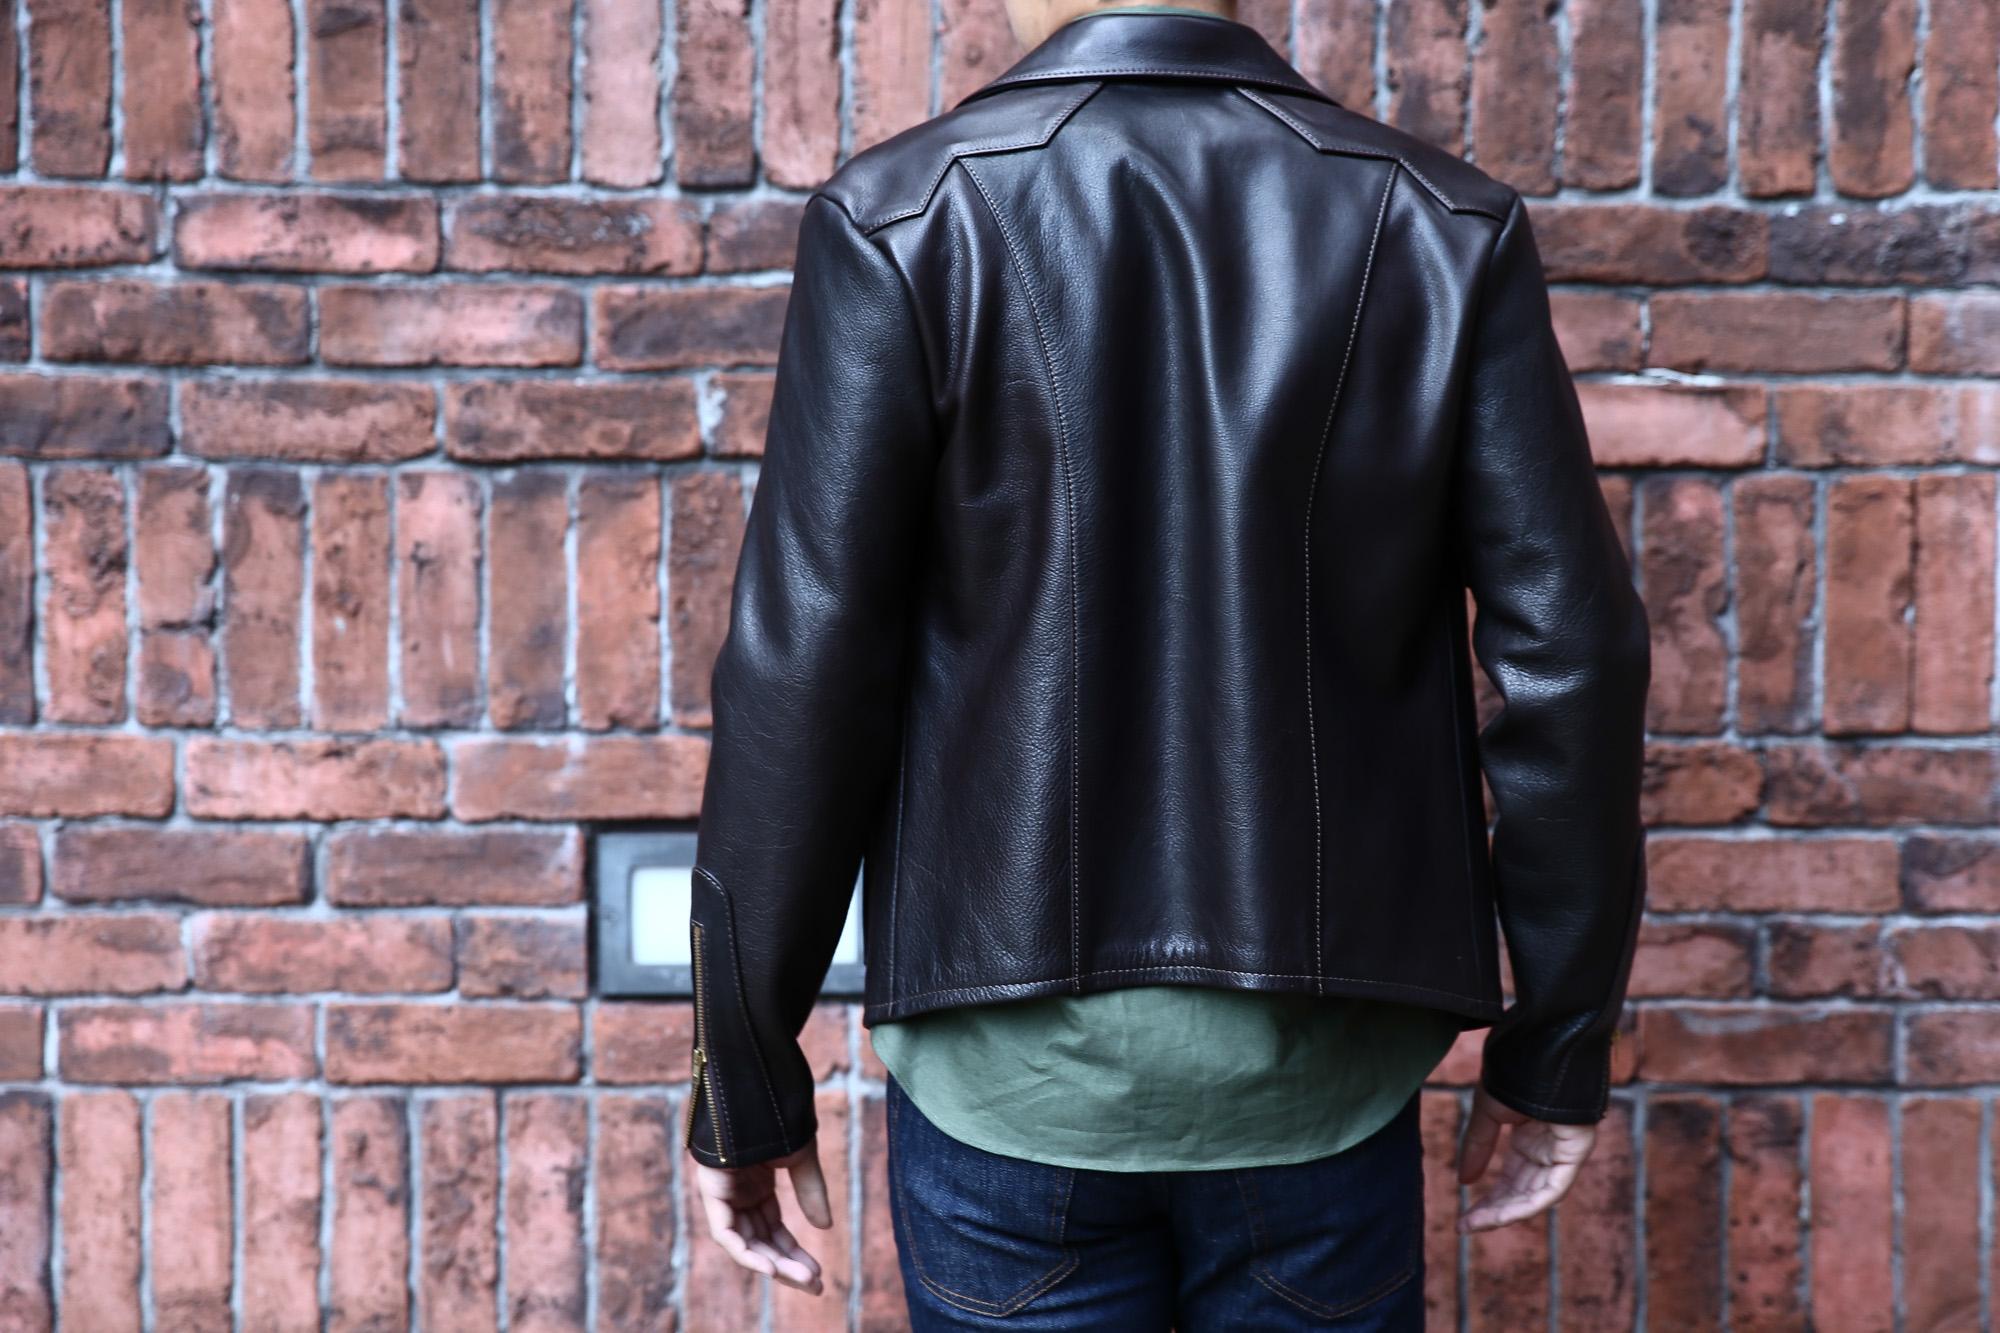 South Paradiso Leather(サウスパラディソレザー) East West イーストウエスト WINCHESTER ウィンチェスター Cow Hide Leather カウハイドレザー レザージャケット DARK BROWN(ダークブラウン) MADE IN USA(アメリカ製) のコーディネート画像、 愛知 名古屋 Alto e Diritto アルト エ デリット サウスパラディソ パラディソ レザー ヴィンテージ ビンテージ